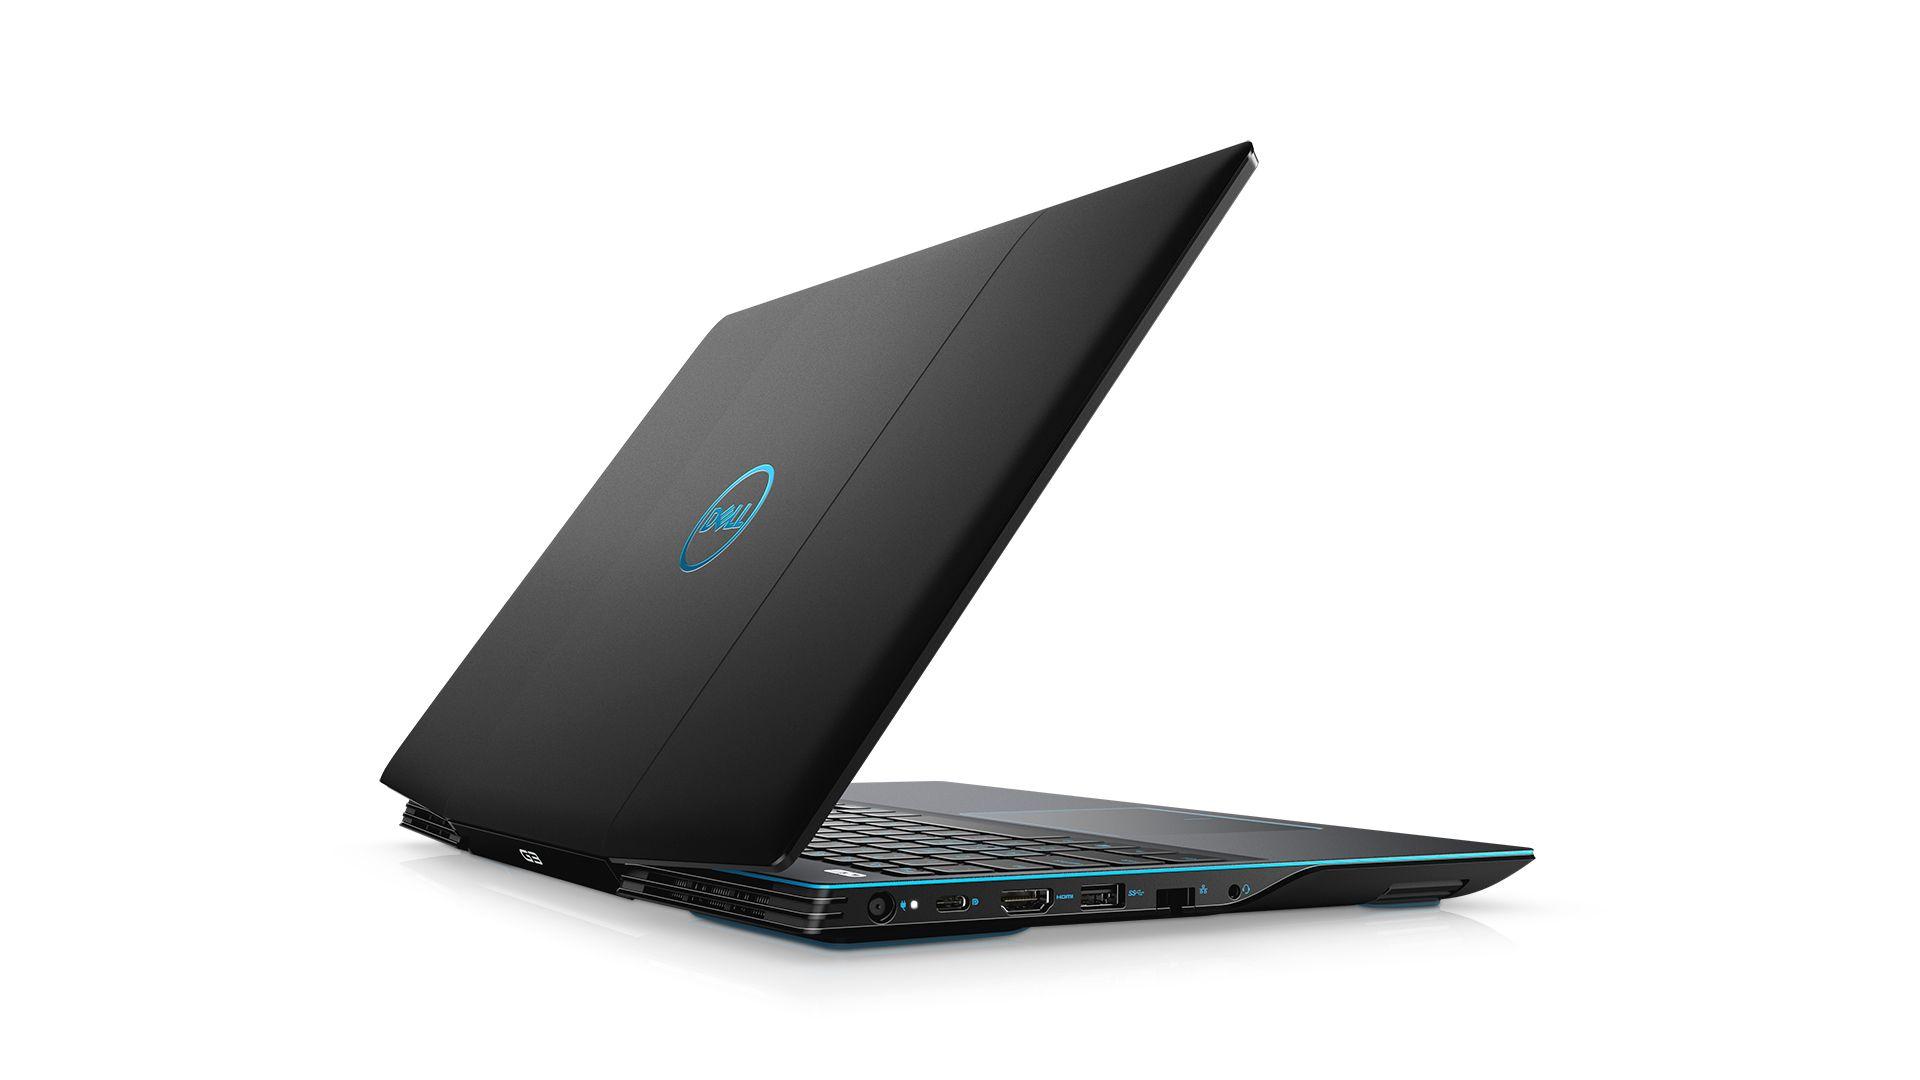 """Dell G3 tem visual mais """"gamer"""" que o Lenovo IdeaPad L340. (Foto: Divulgação/Dell)"""